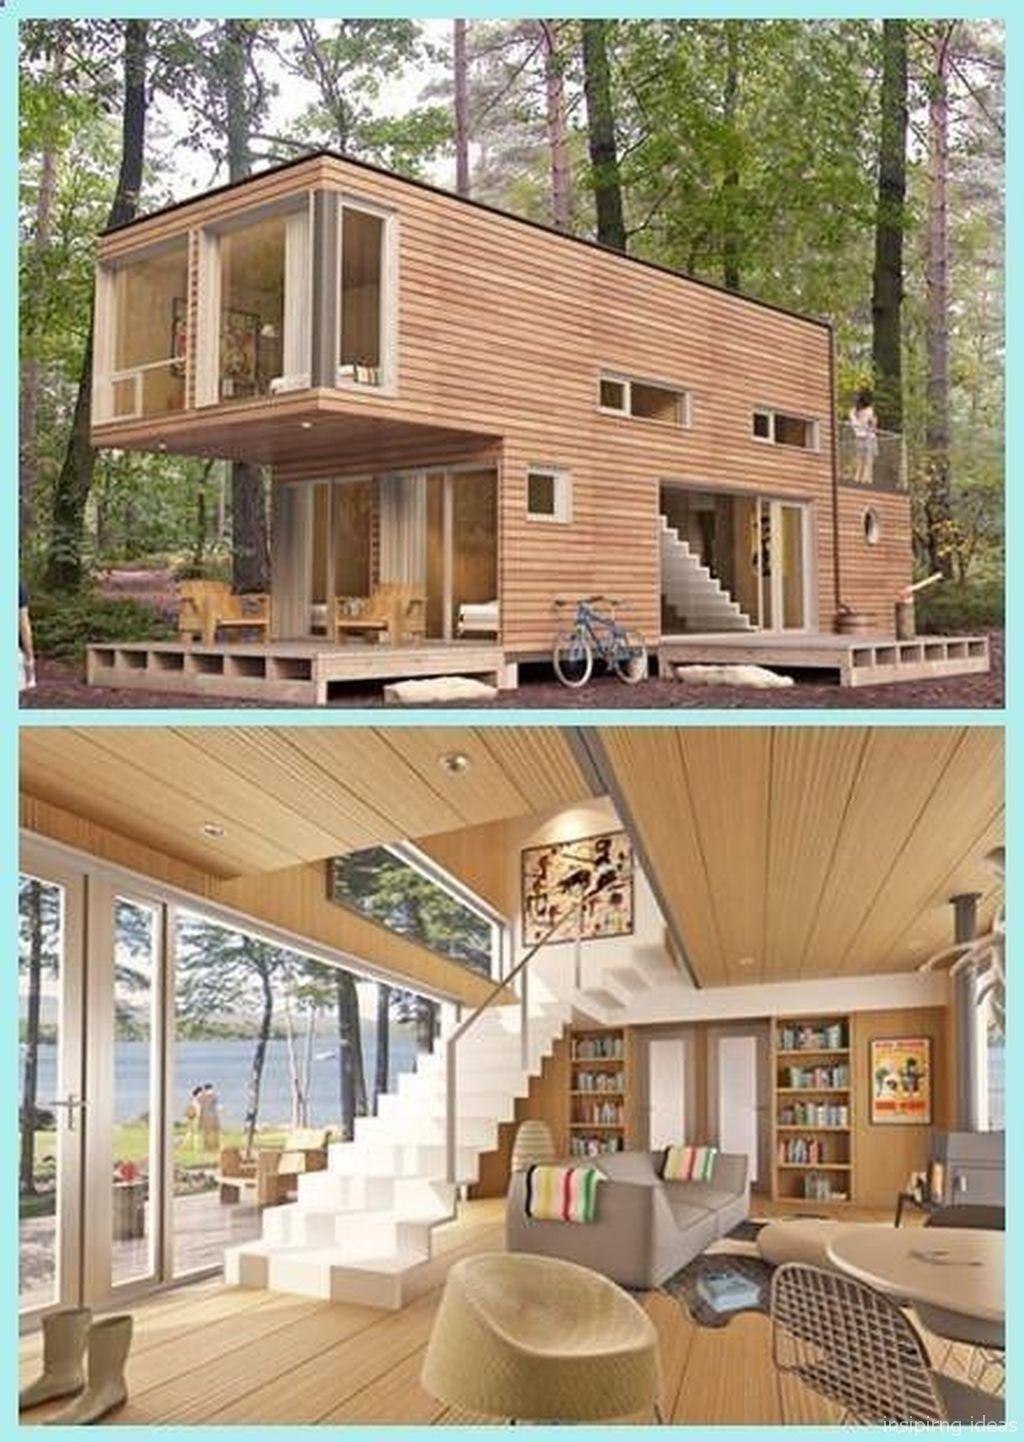 64 Genius Container House Design Ideas Decorisart Haus Architektur Architektur Haus Container Hauser